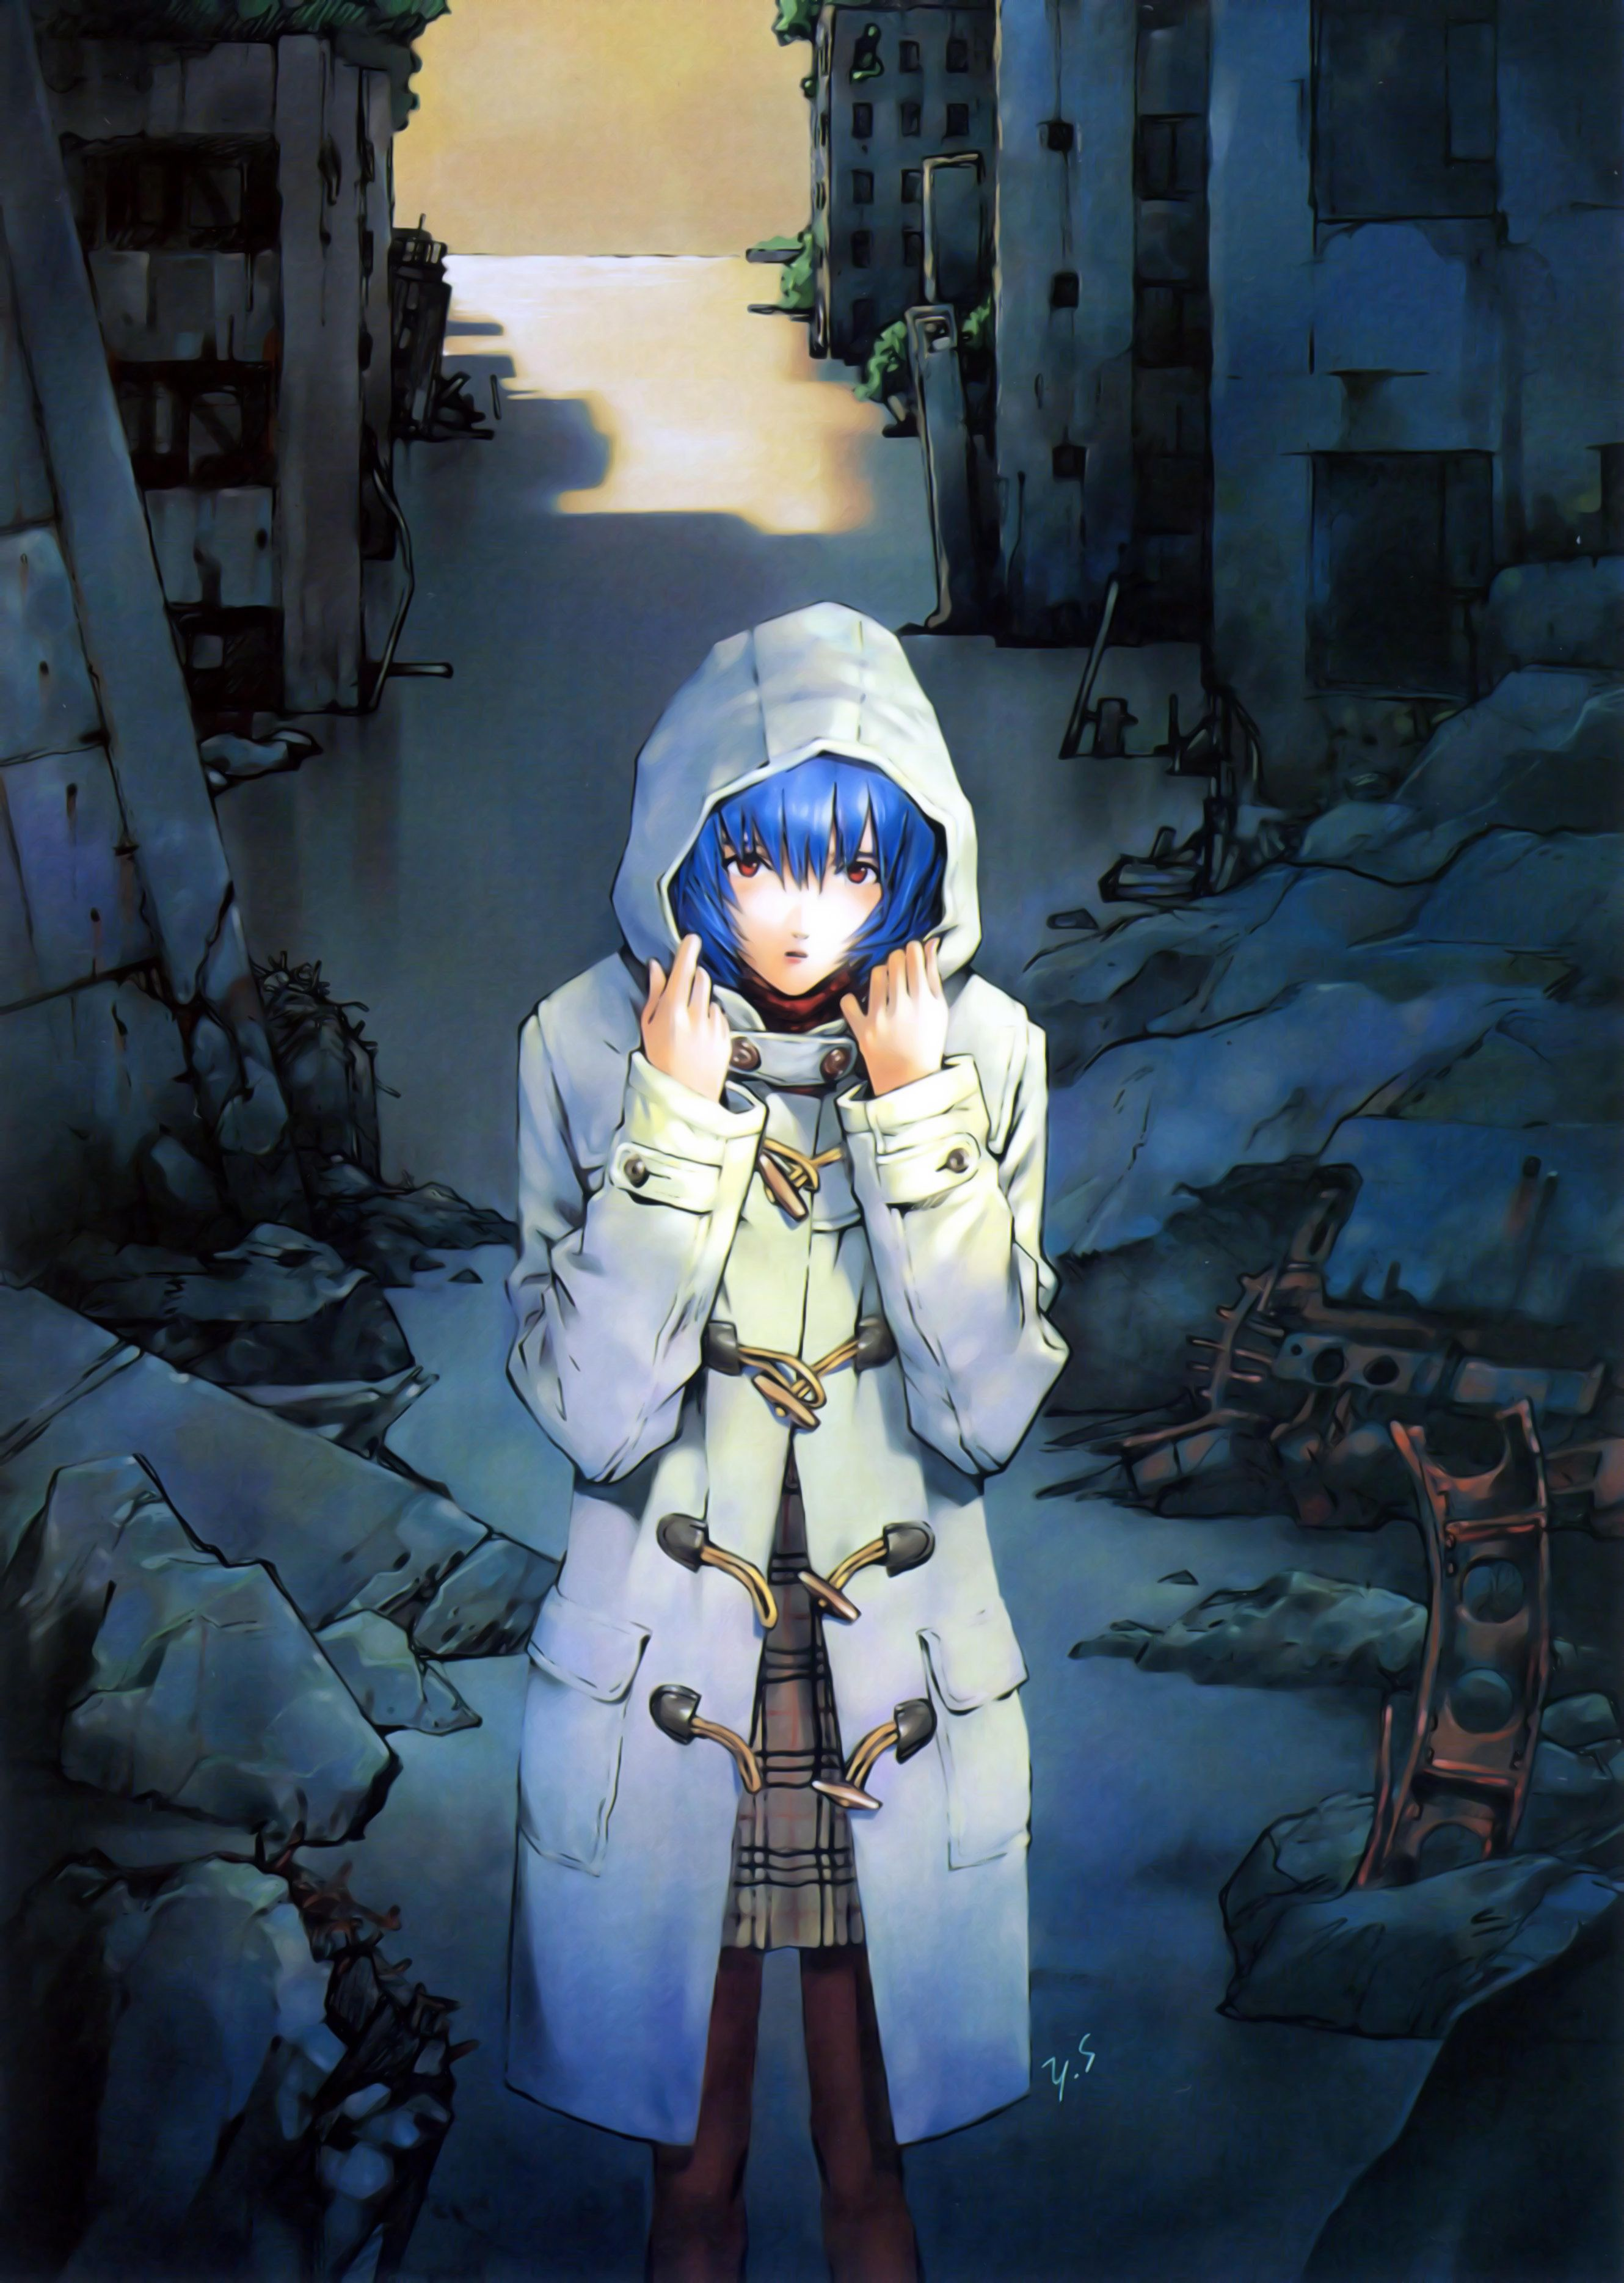 Ayanami Rei Neon Evangelion Neon Genesis Evangelion Evangelion